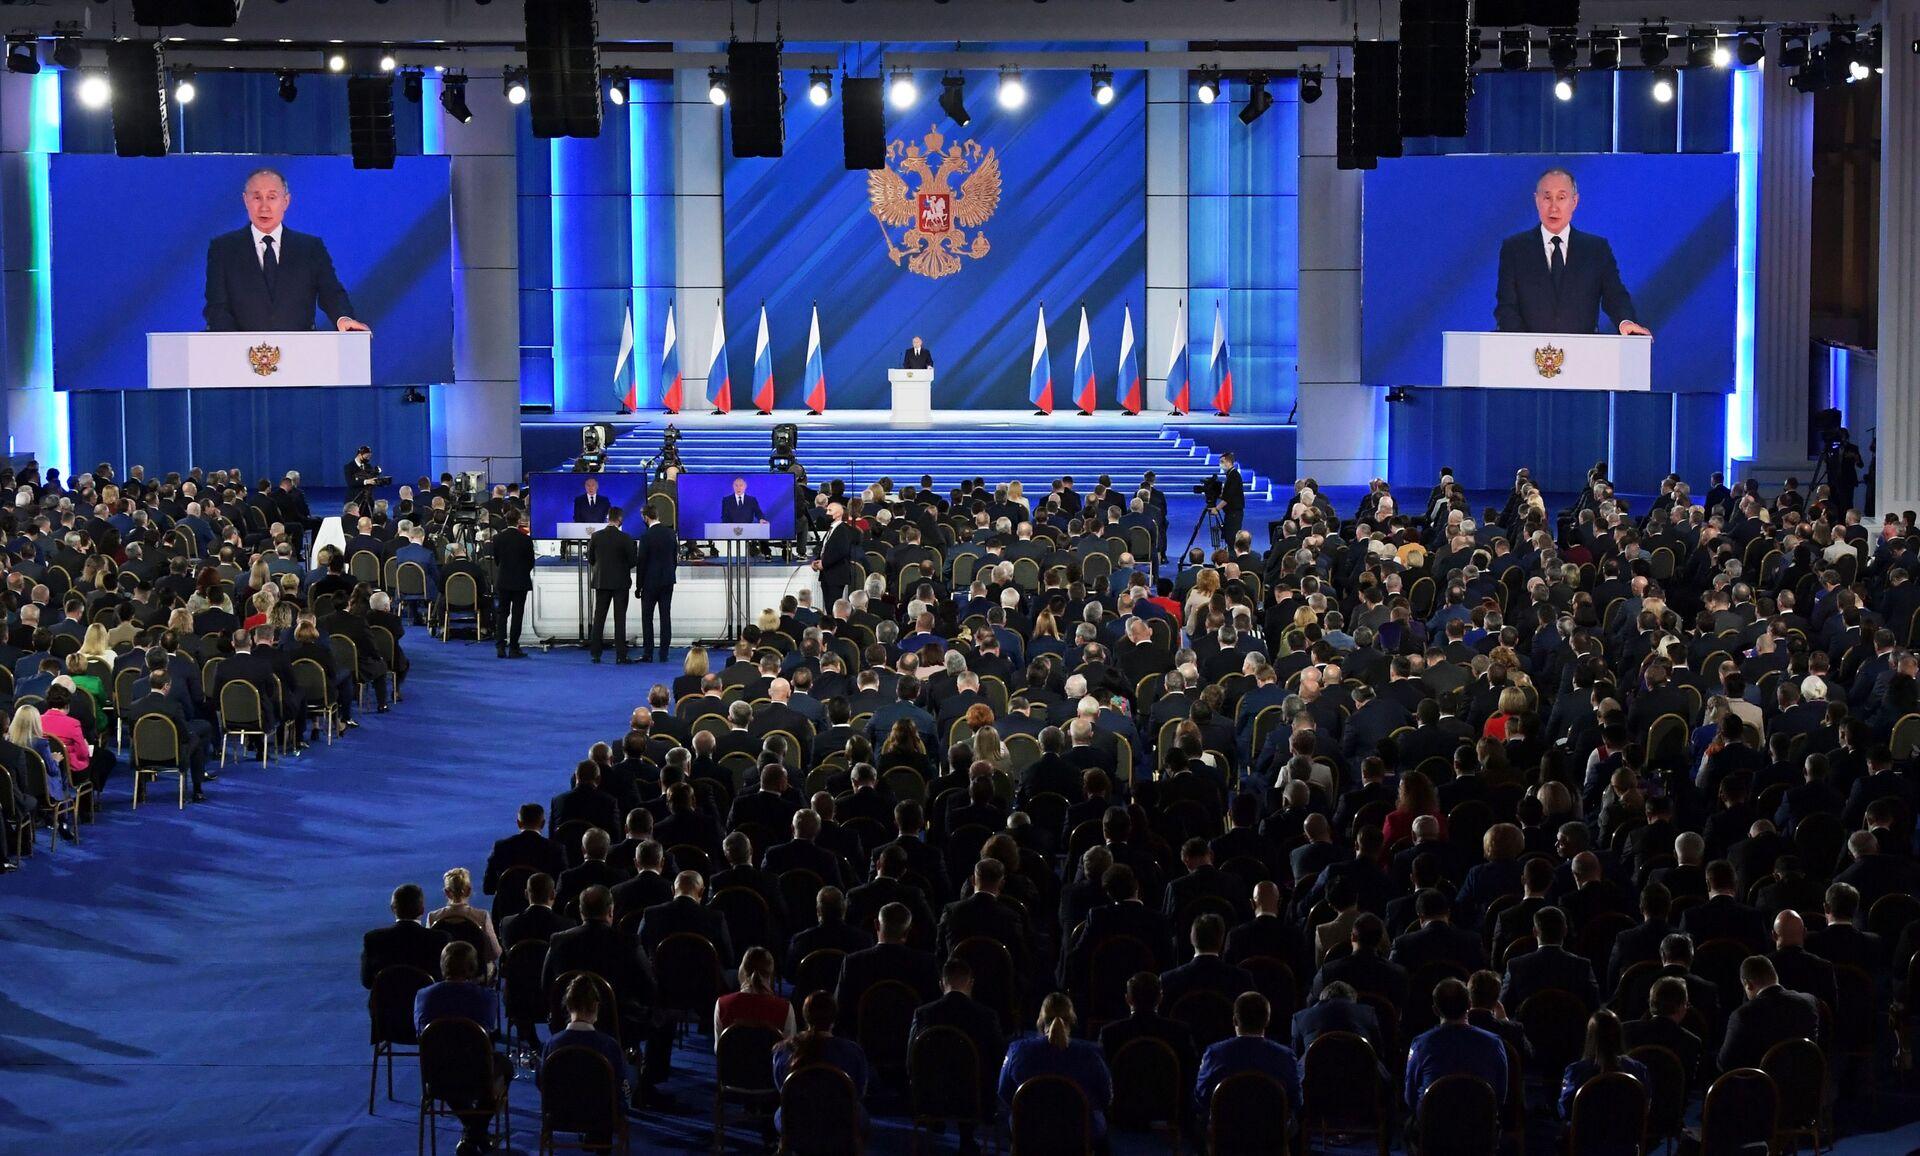 Ngoại trưởng Nga Lavrov hứa đáp trả cứng rắn mọi nỗ lực vượt qua «lằn ranh đỏ» - Sputnik Việt Nam, 1920, 28.04.2021